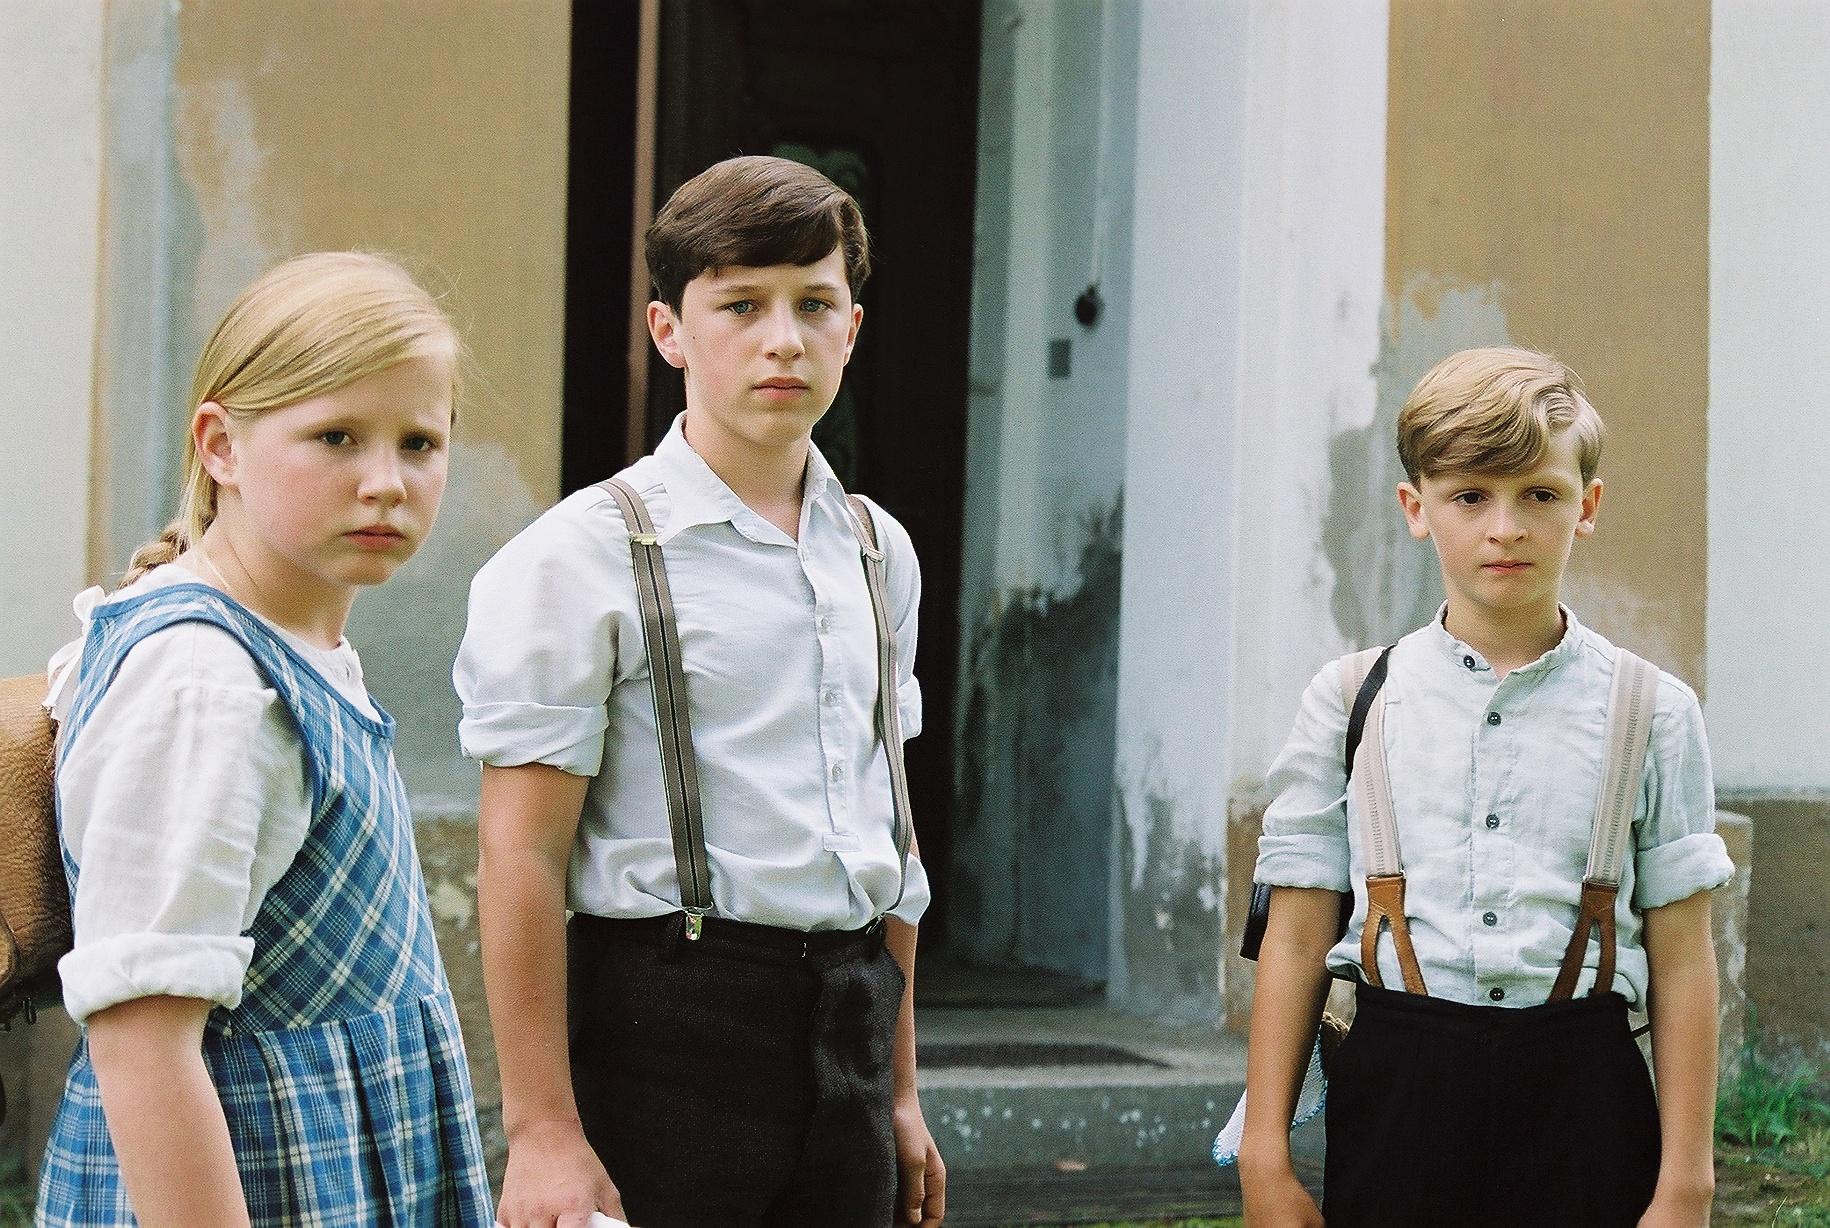 Annemarie Lechner (Elfie), Lorenz Strasser (Toni Goldwascher), Luis Huber (Herbert)